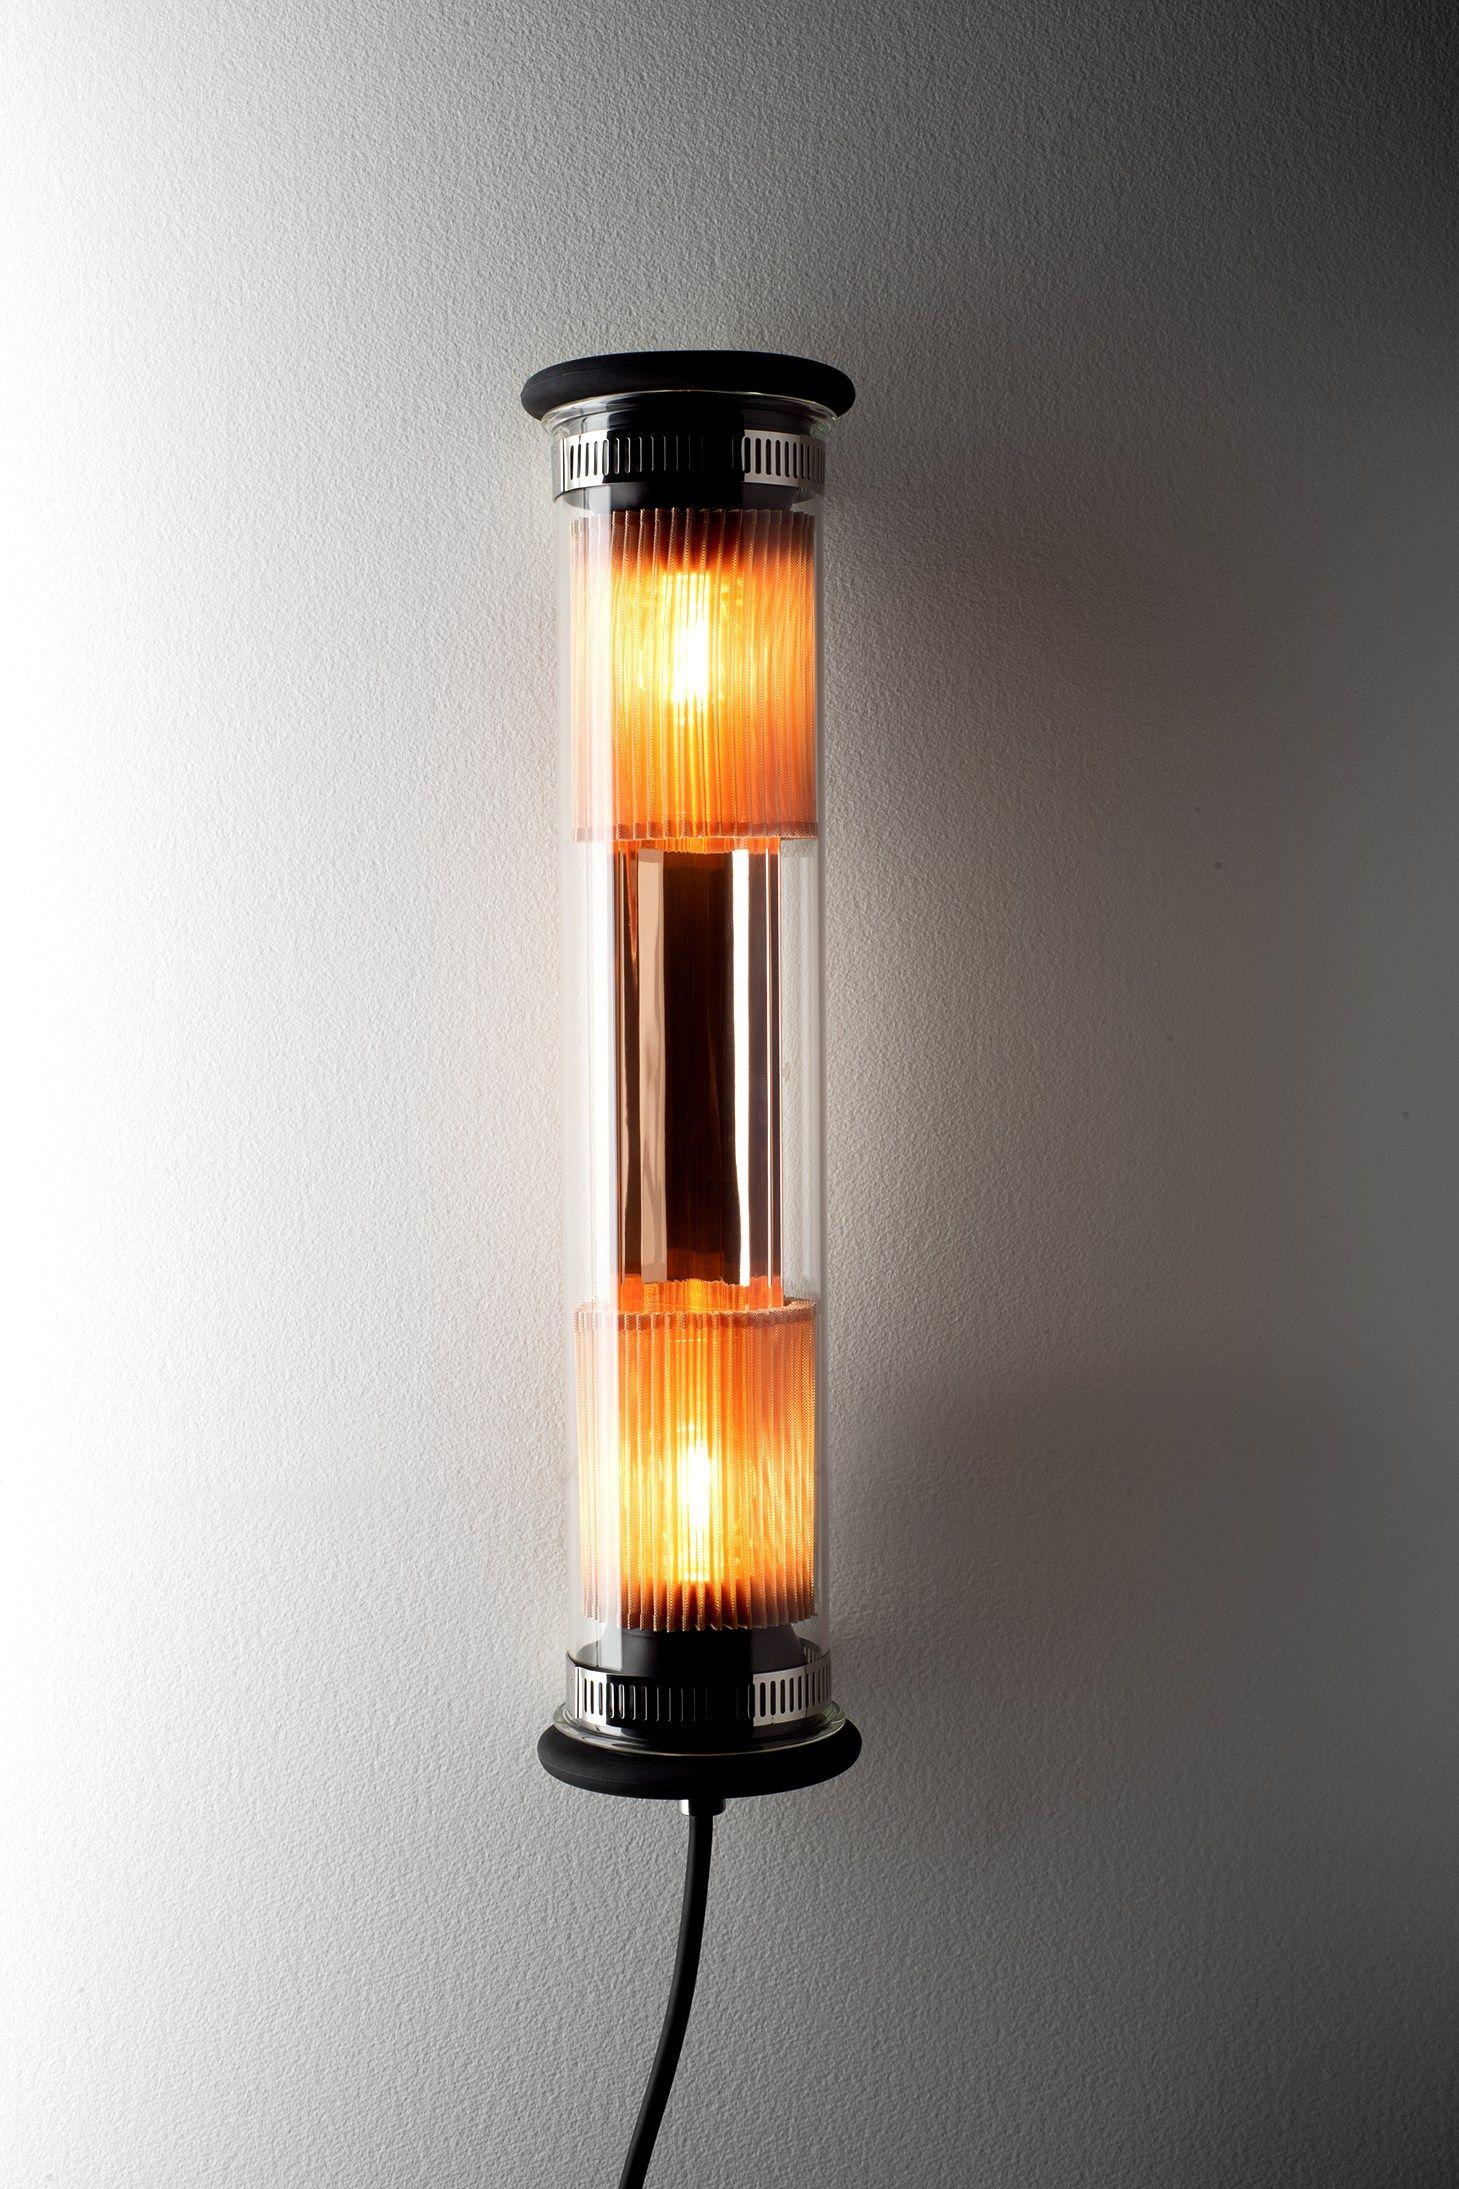 lampada a sospensione lampada da parete in vetro. Black Bedroom Furniture Sets. Home Design Ideas